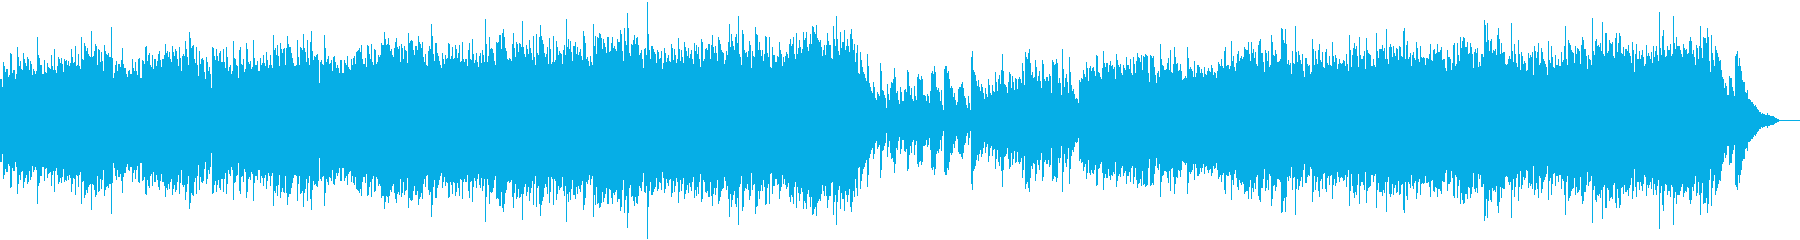 アコーステック 静か 繰り返しの ...の再生済みの波形